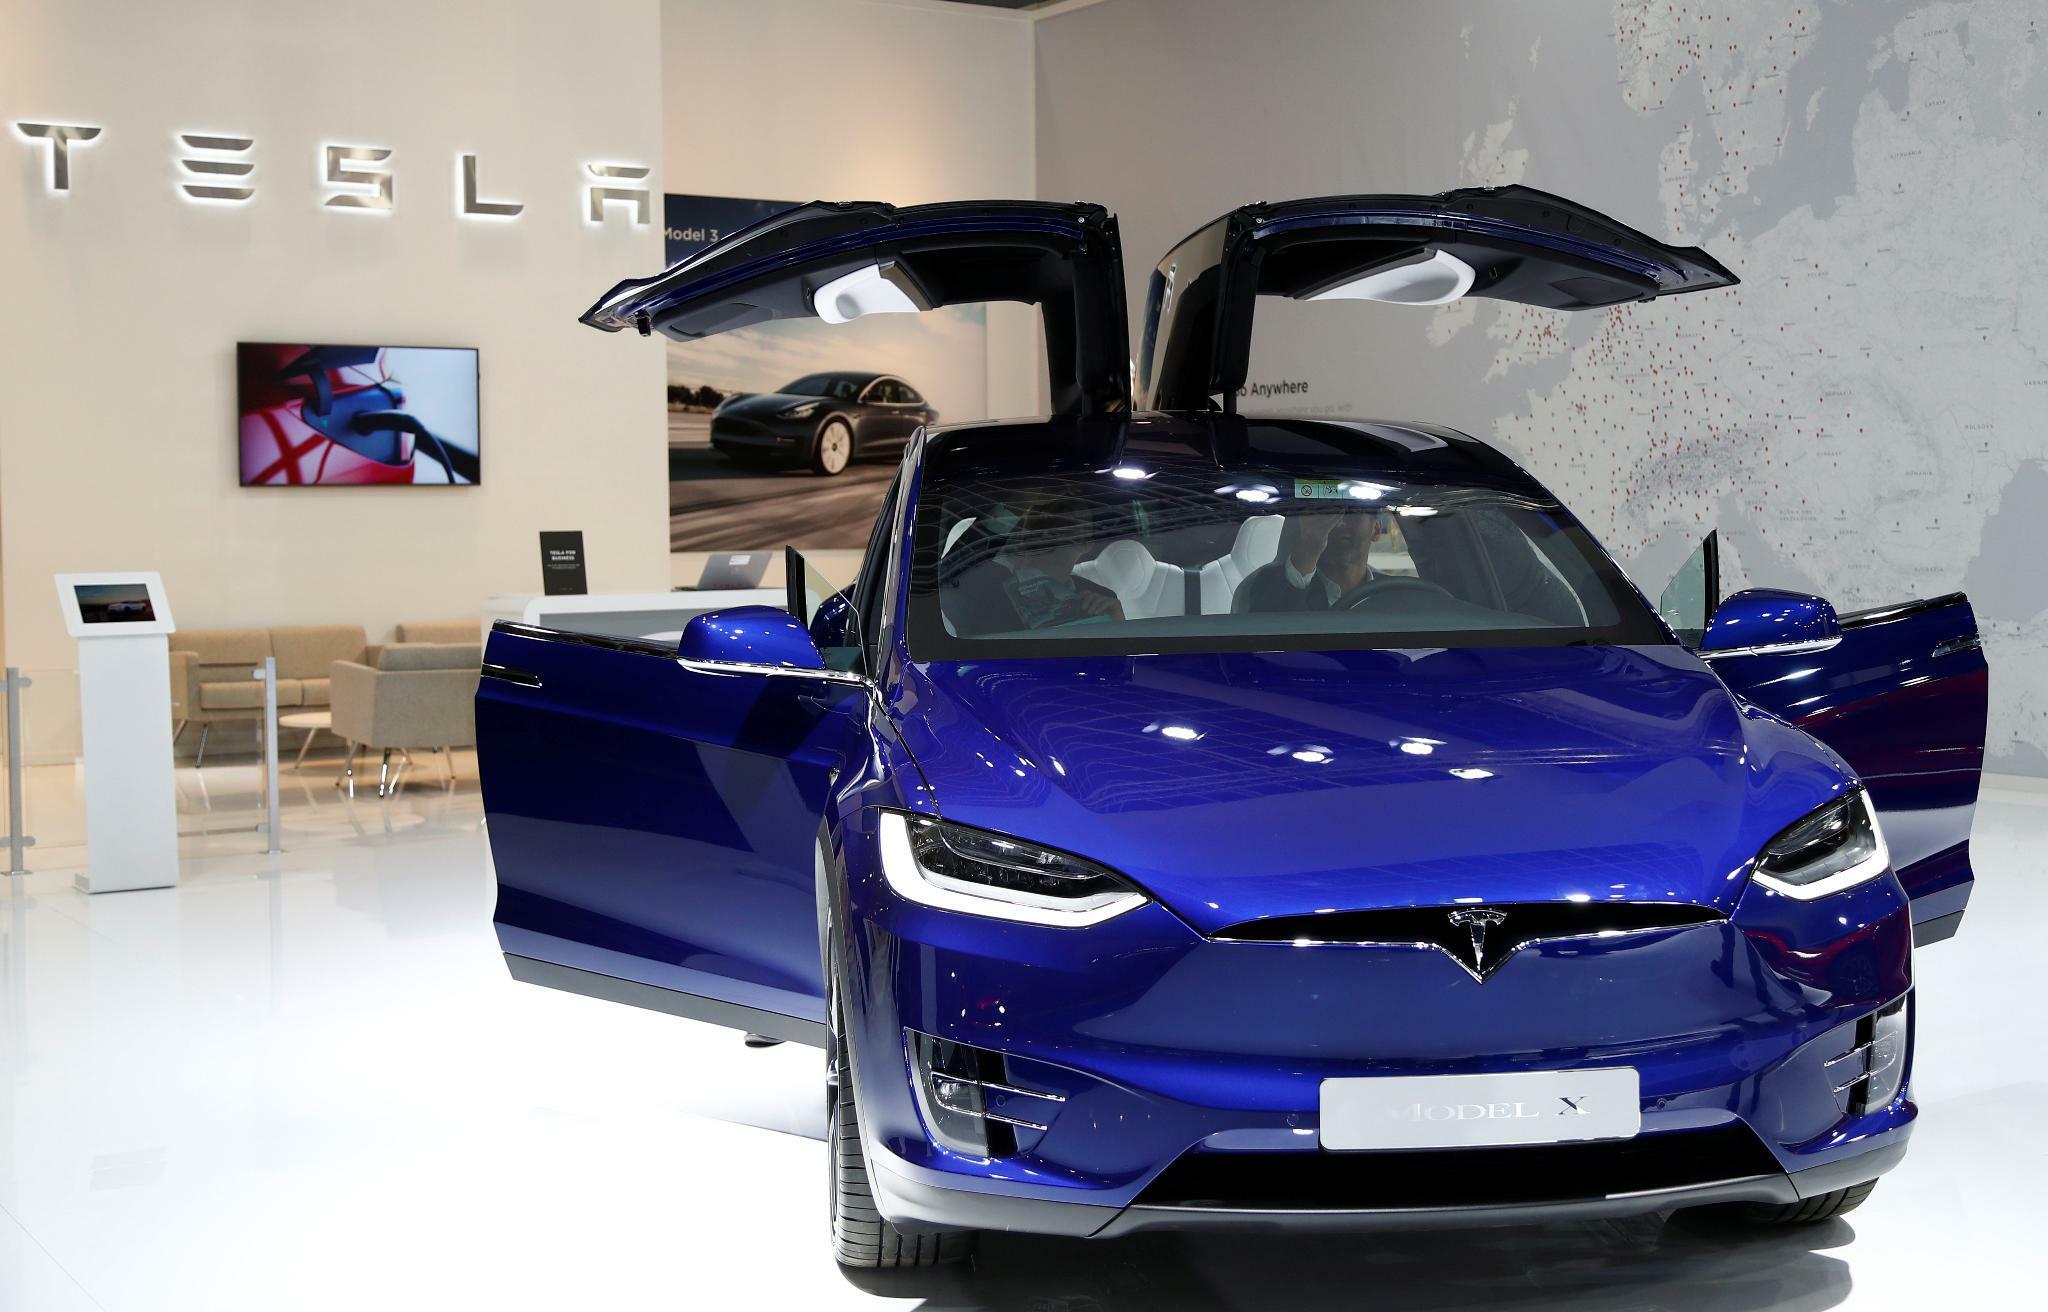 Elektromobilität: Ungewollte Beschleunigung: US-Behörde prüft Tesla-Fahrzeuge